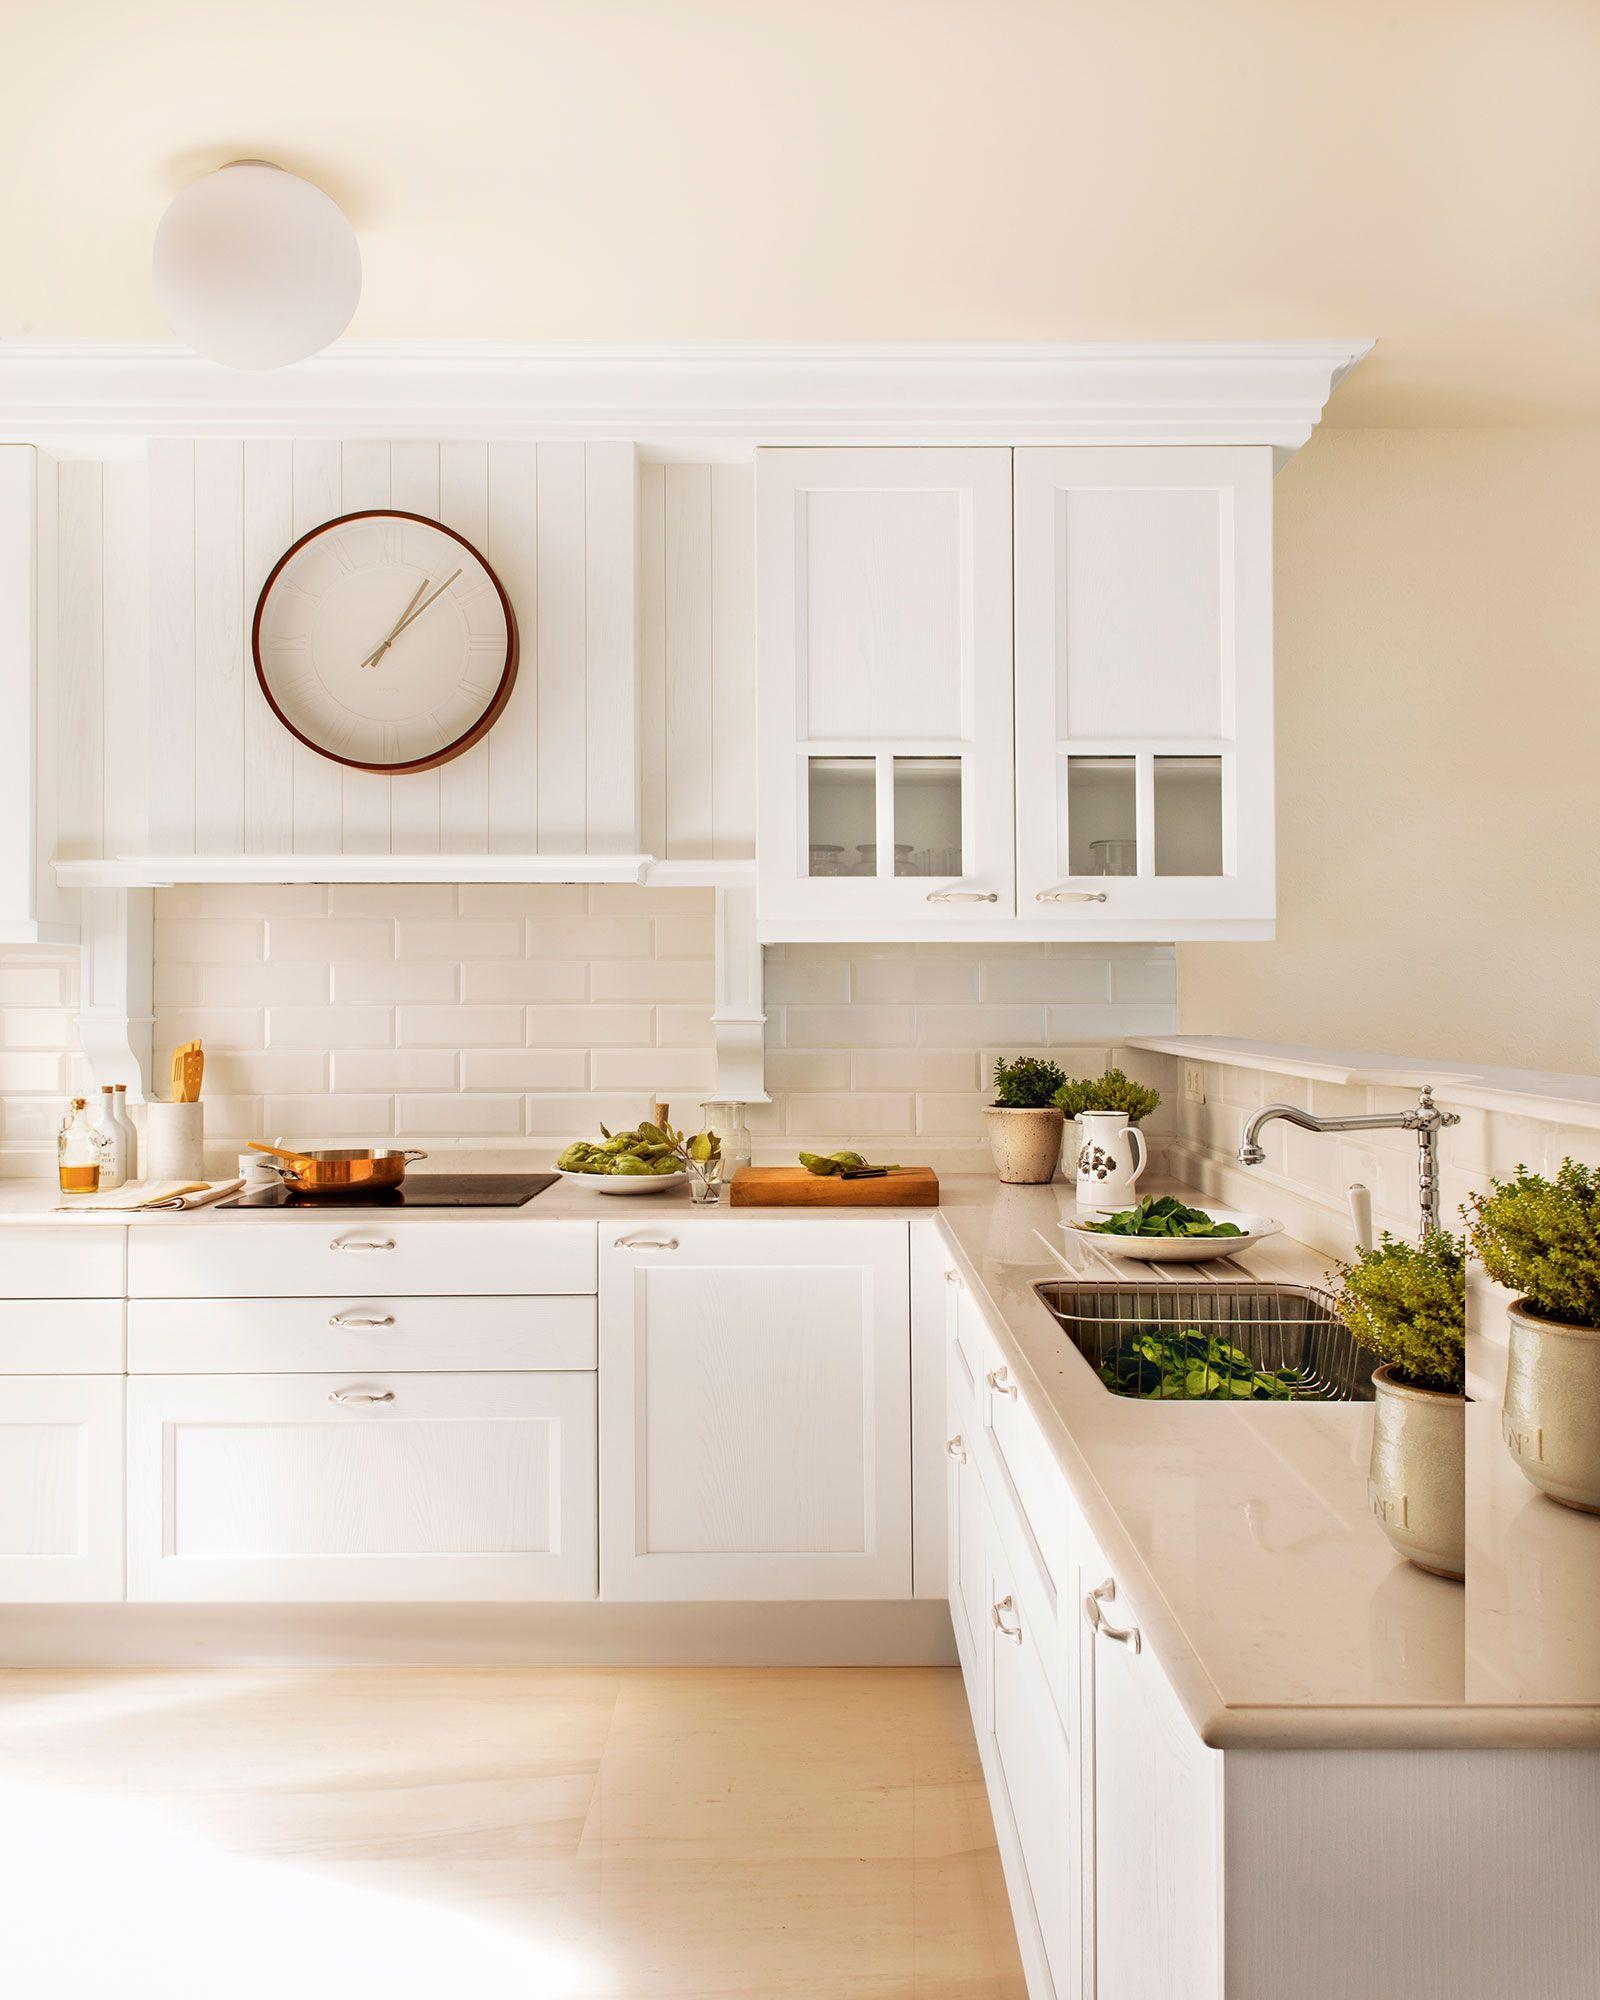 Cocina en blanco con muebles cl sicos y antepecho de for Muebles cocina clasicos